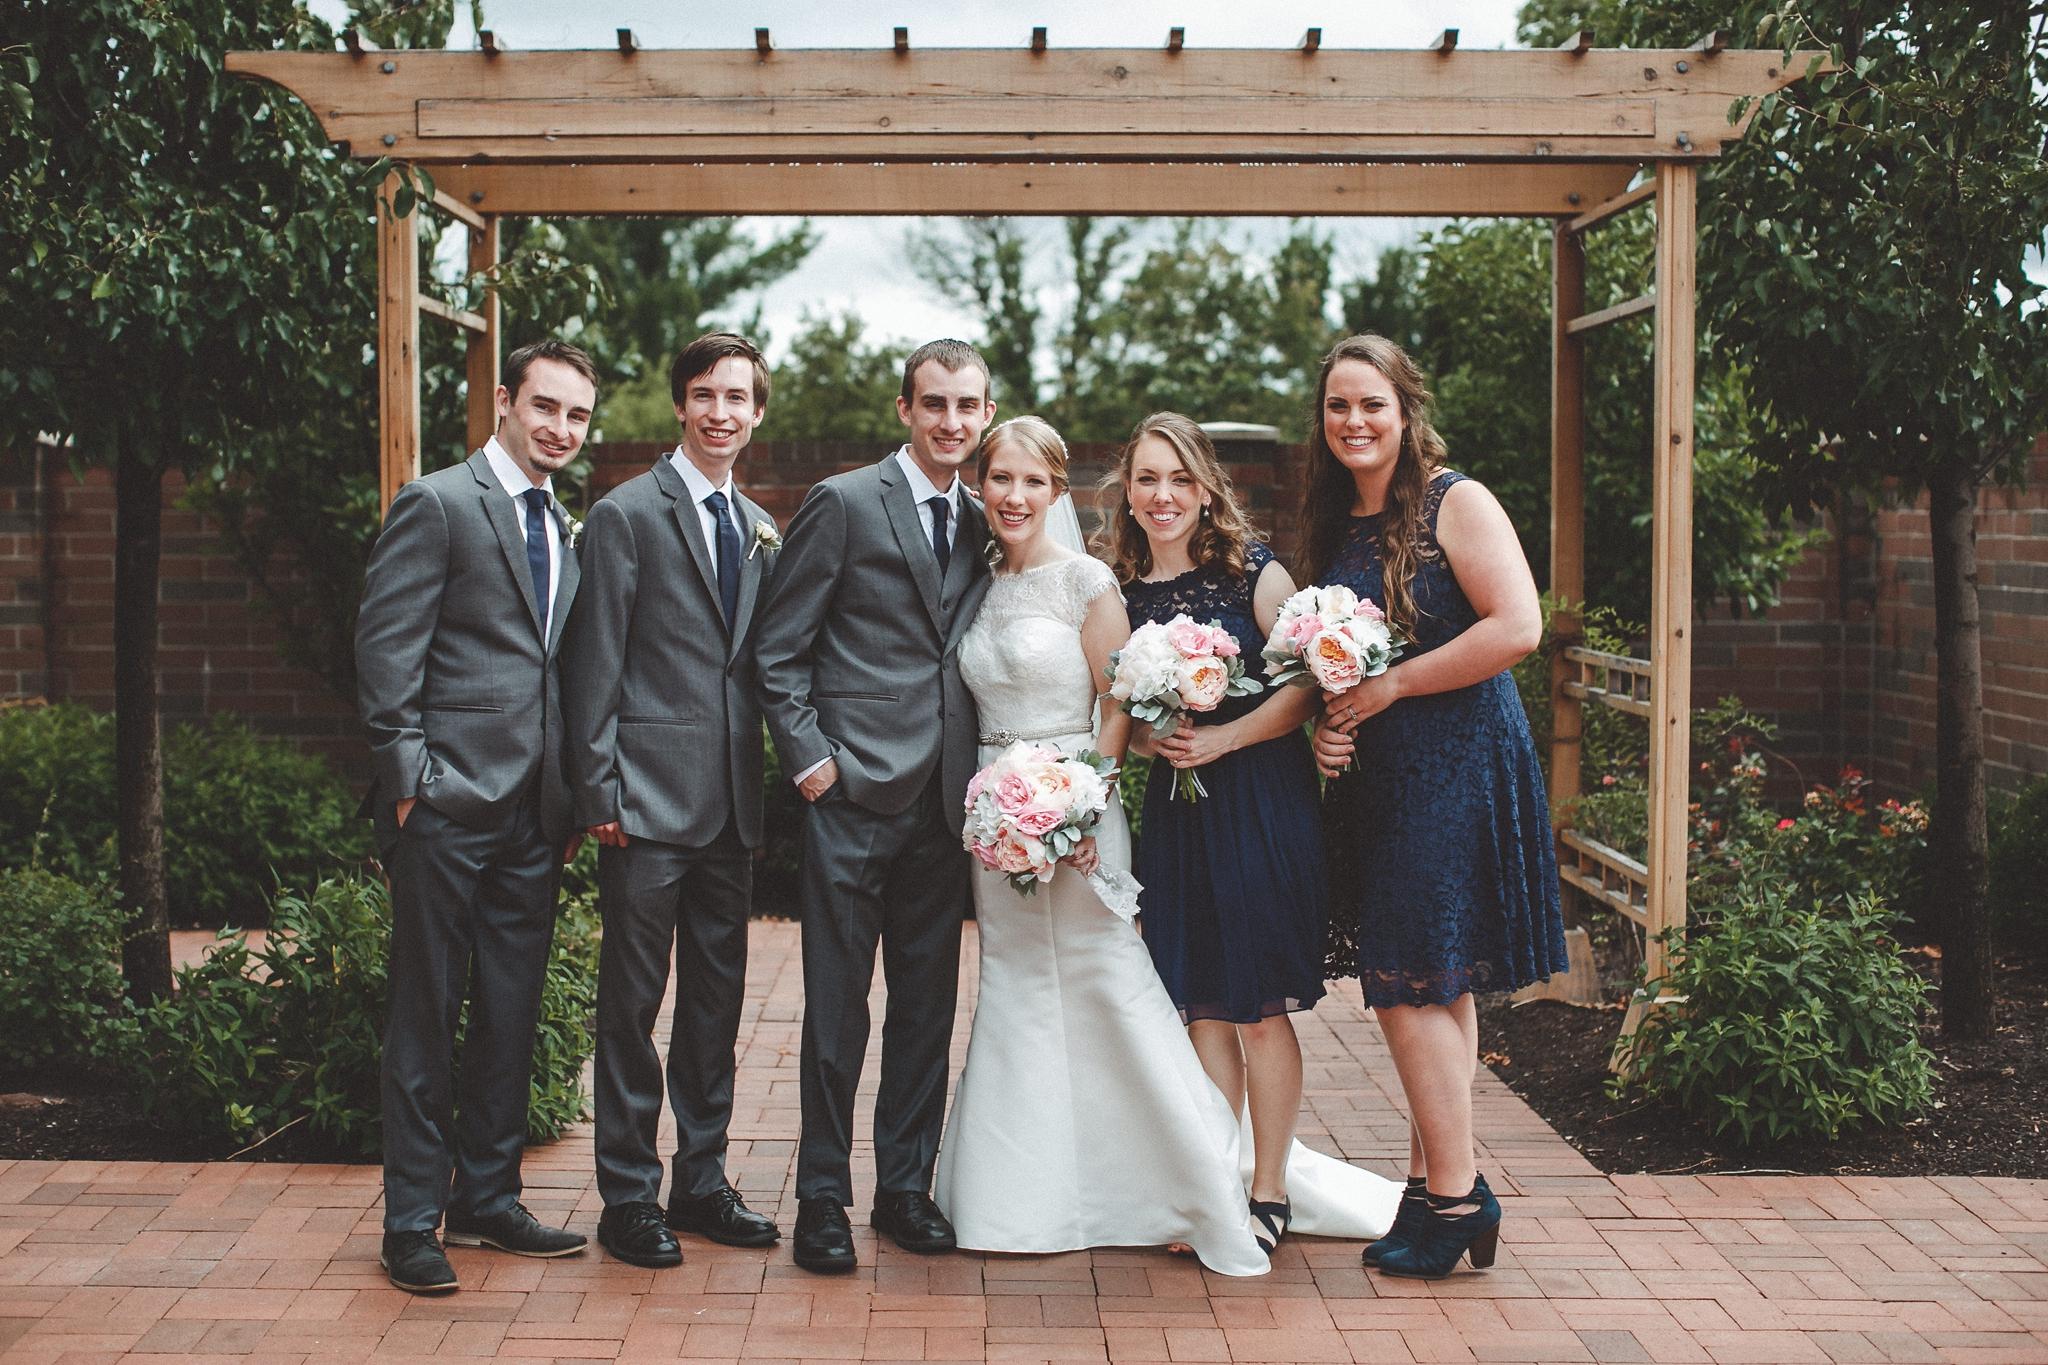 noahs_event_venue_naperville_IL_wedding_photographer_0035.jpg